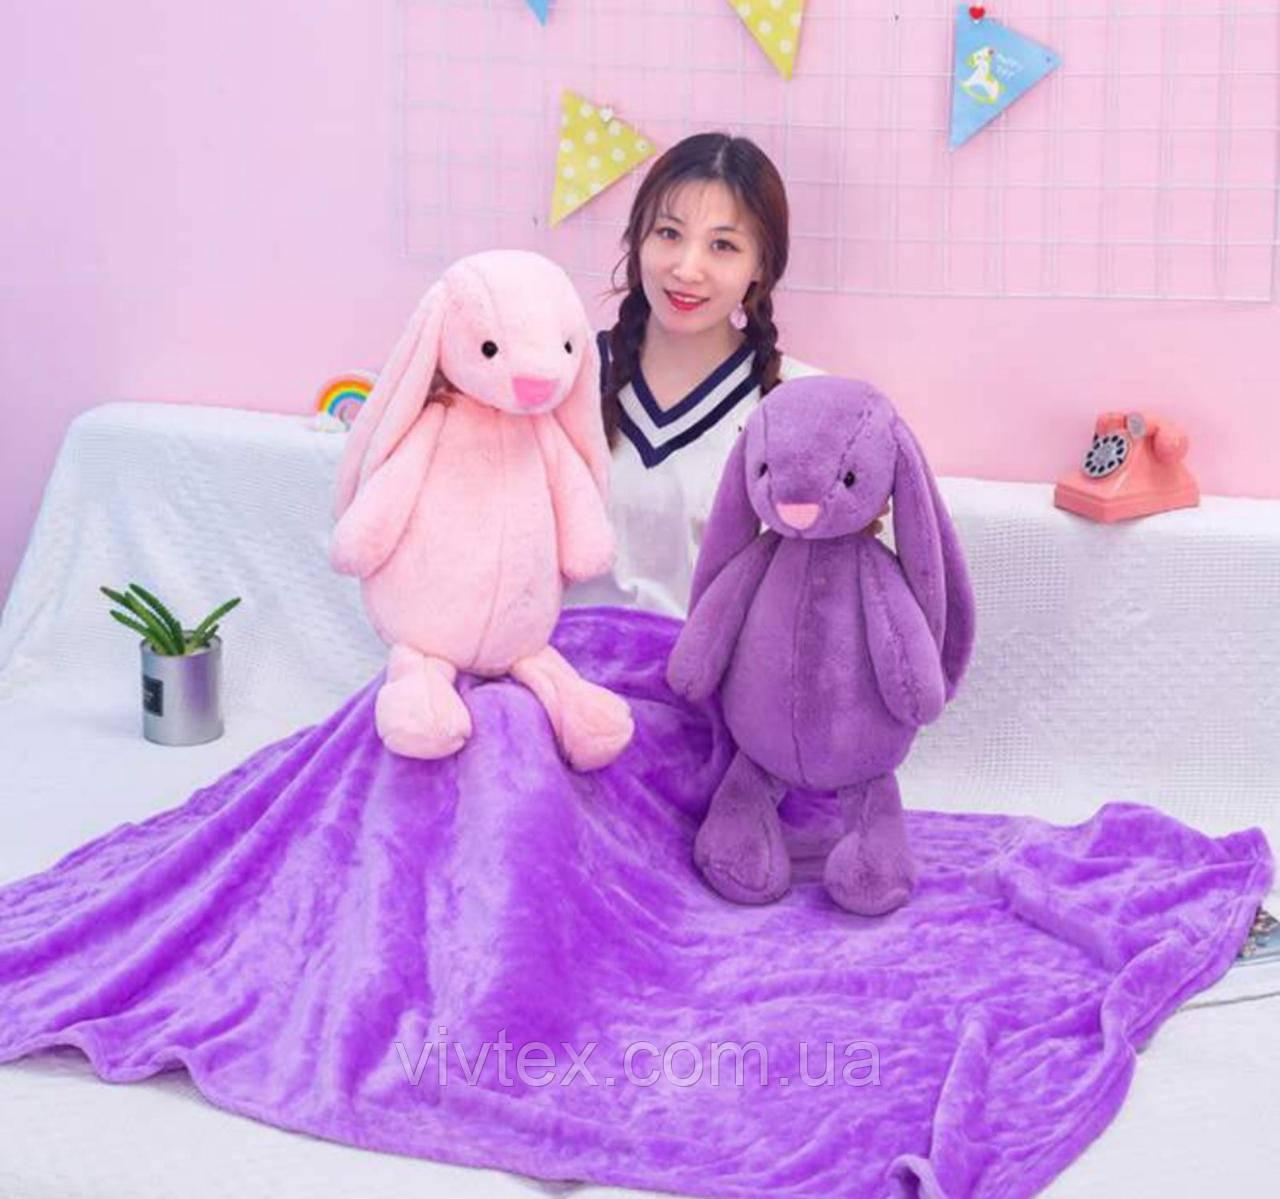 Плед детский + игрушка кролик и подушка 3в1 оптом